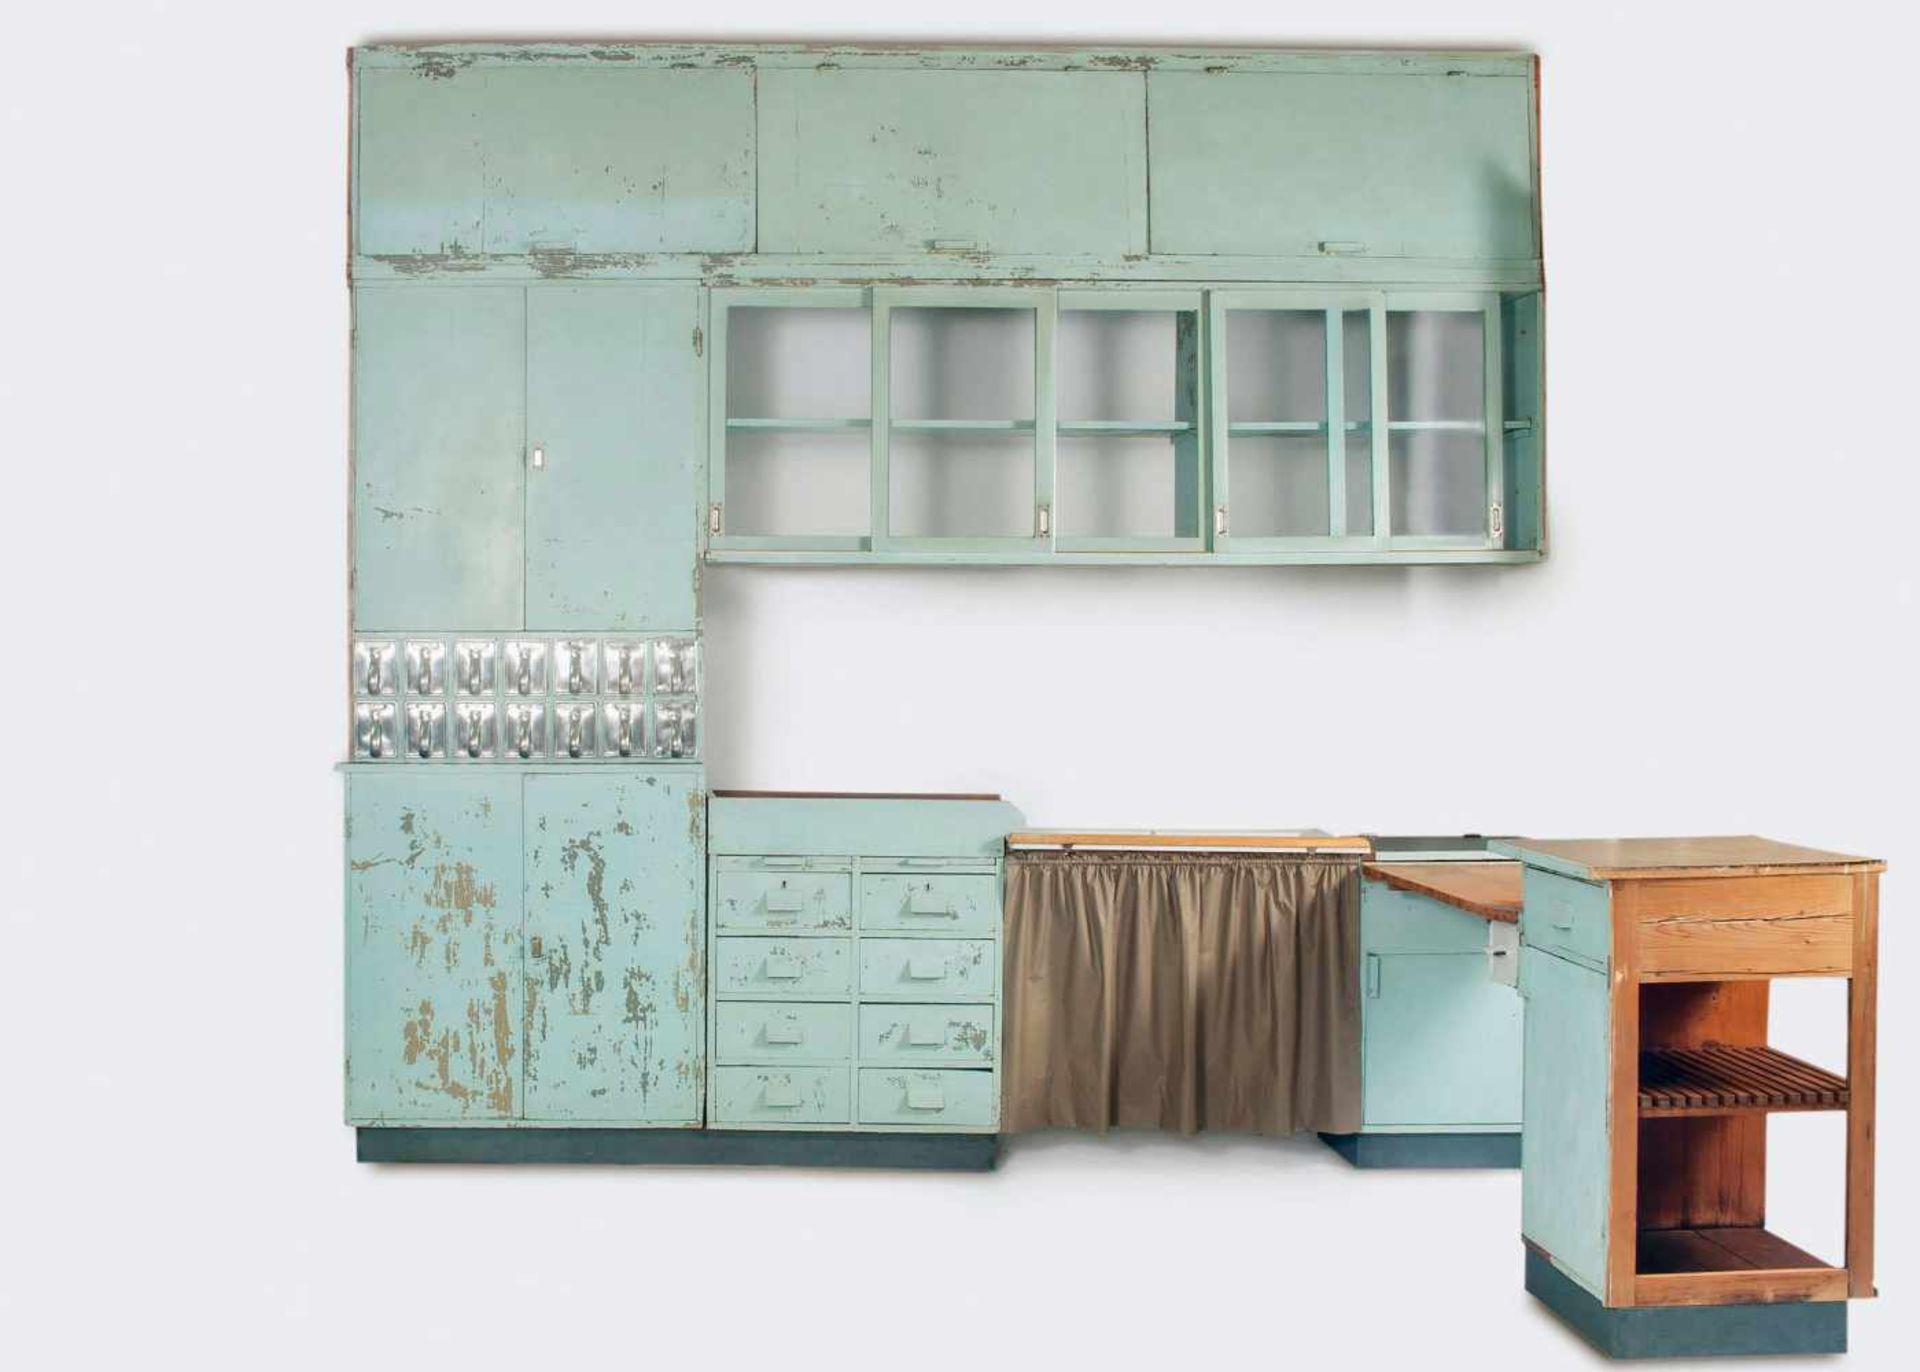 Margarete Schütte-Lihotzky'Frankfurter Küche' aus der Ernst-May Siedlung, Frankfurt Niederrad, - Bild 19 aus 20